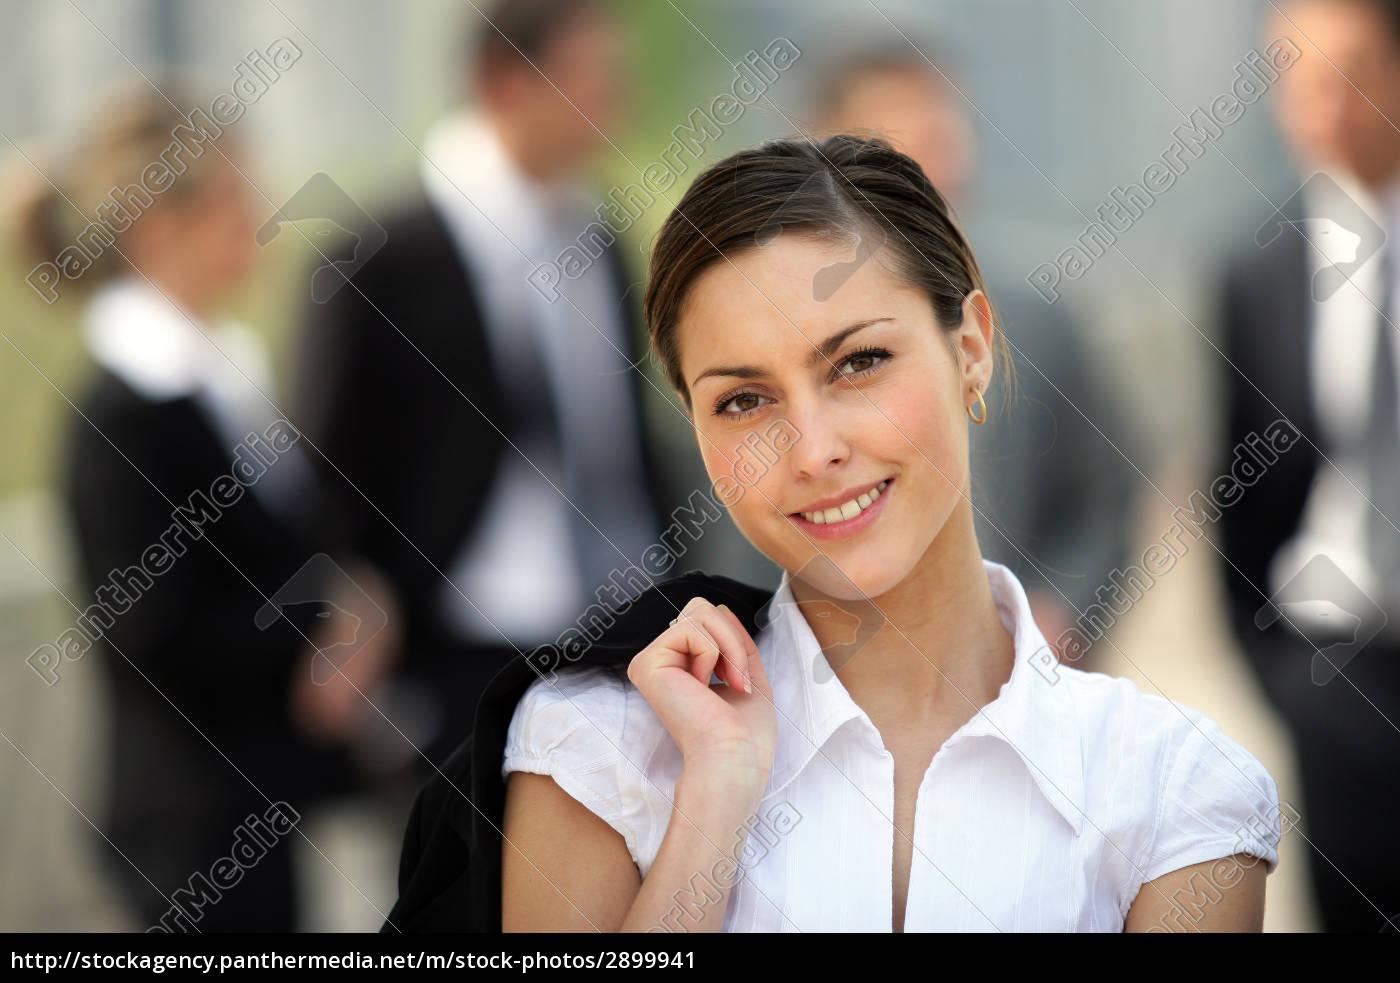 portrait, of, smiling, woman, face - 2899941